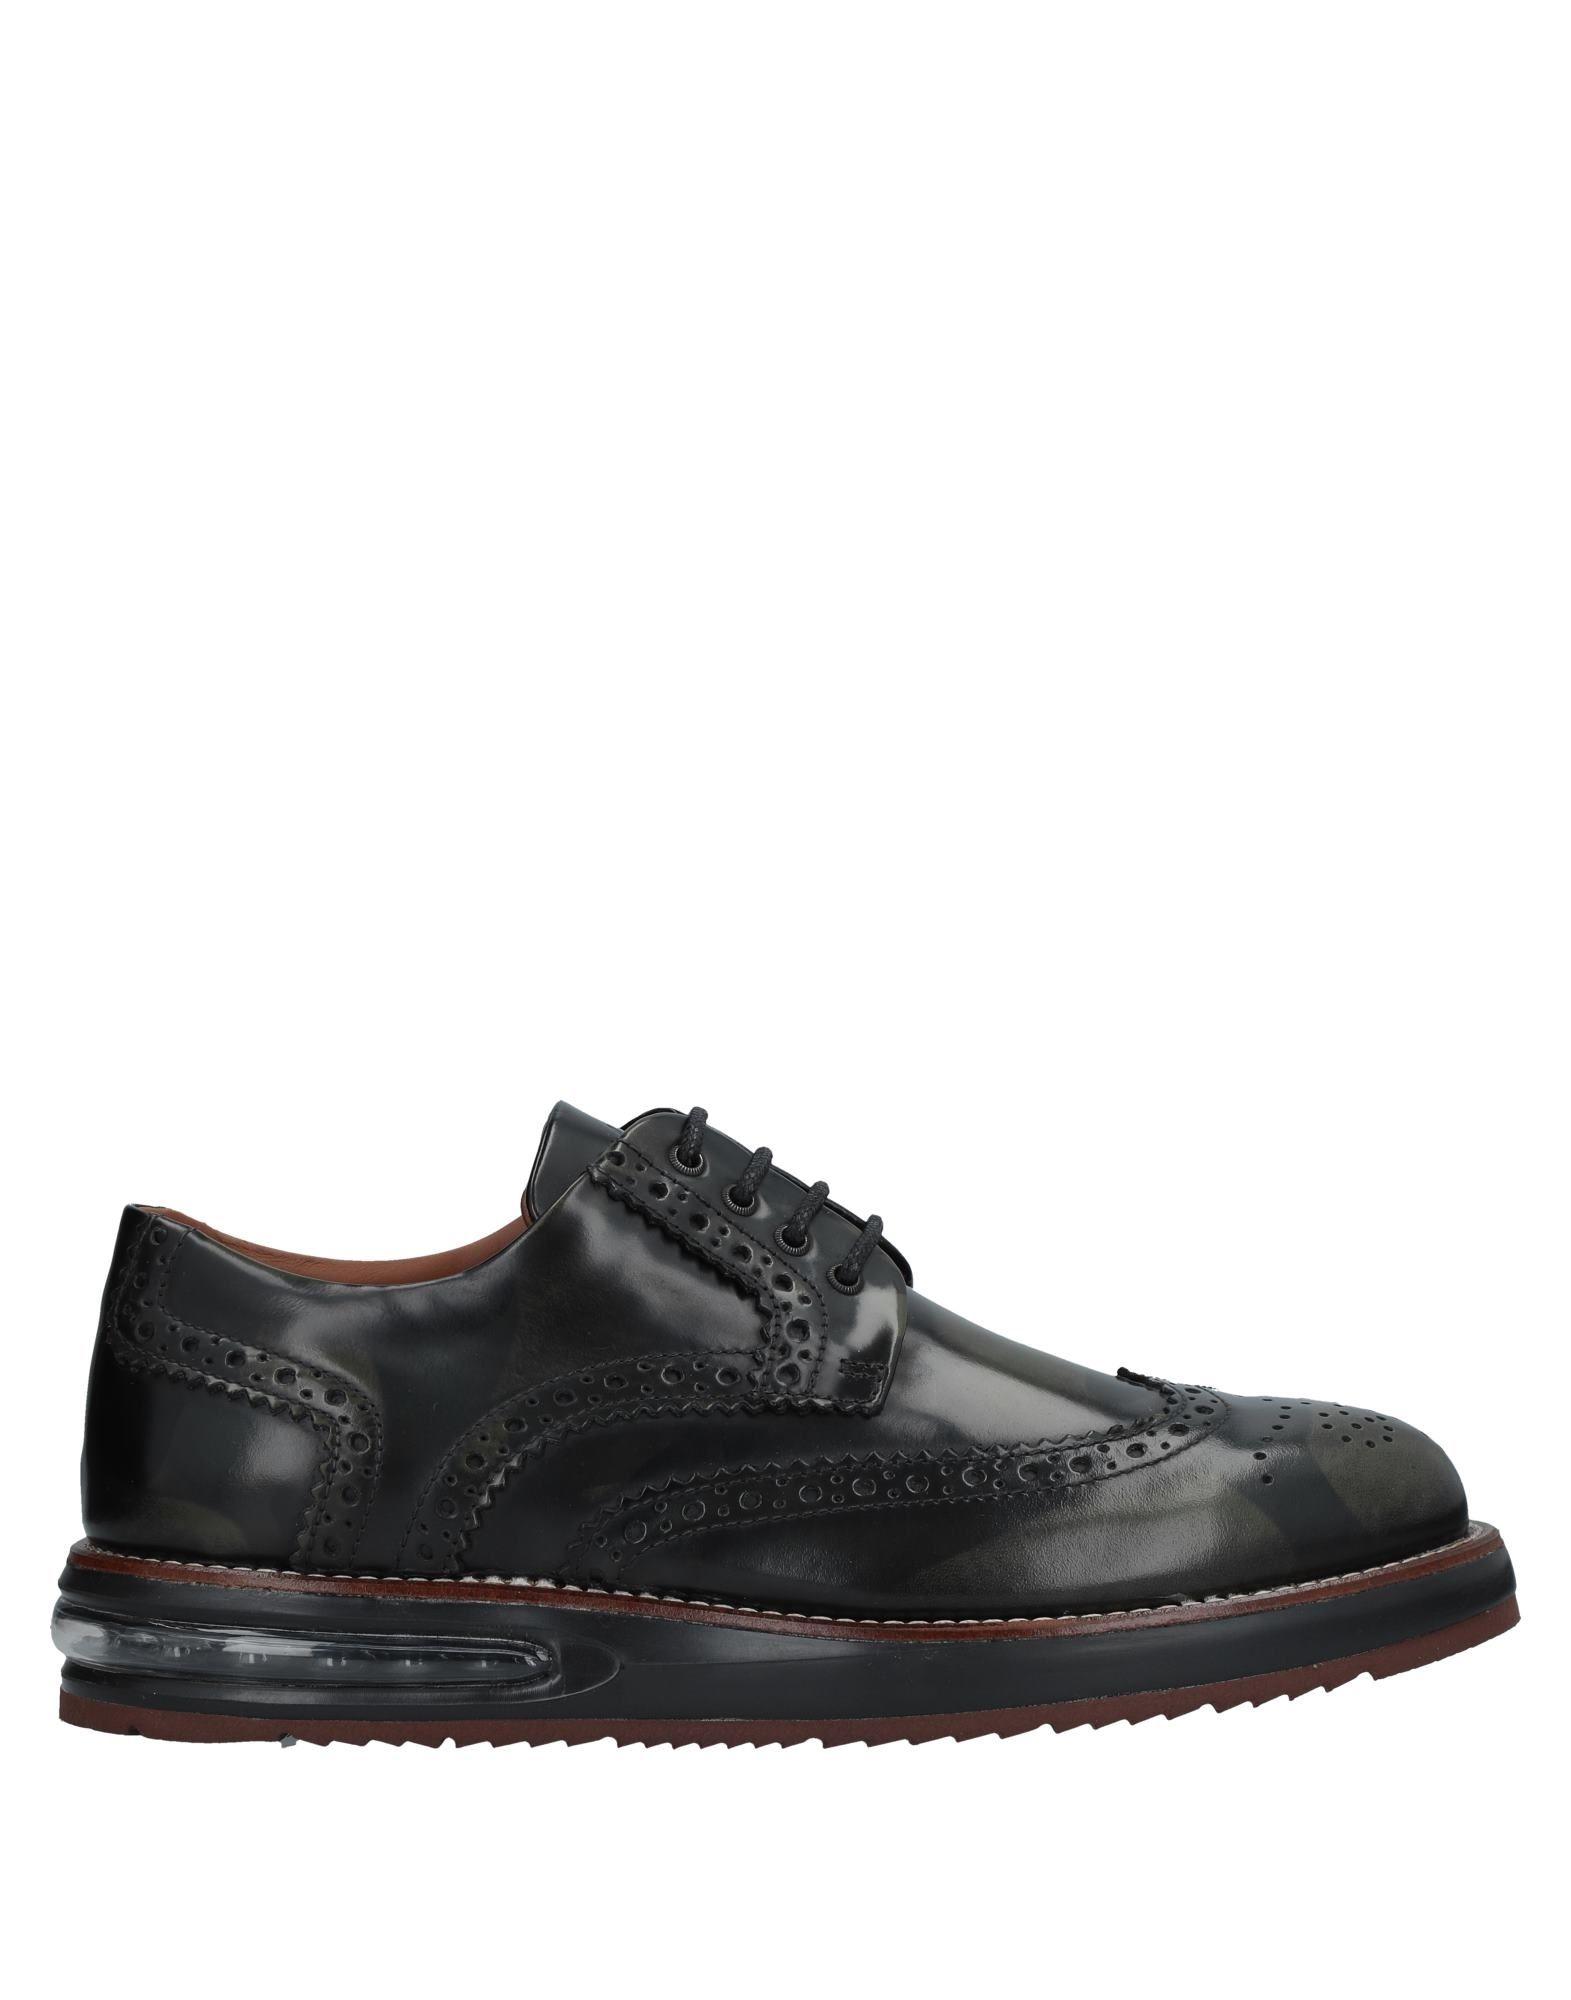 Barleycorn Schnürschuhe Herren  11534870NF Gute Qualität beliebte Schuhe